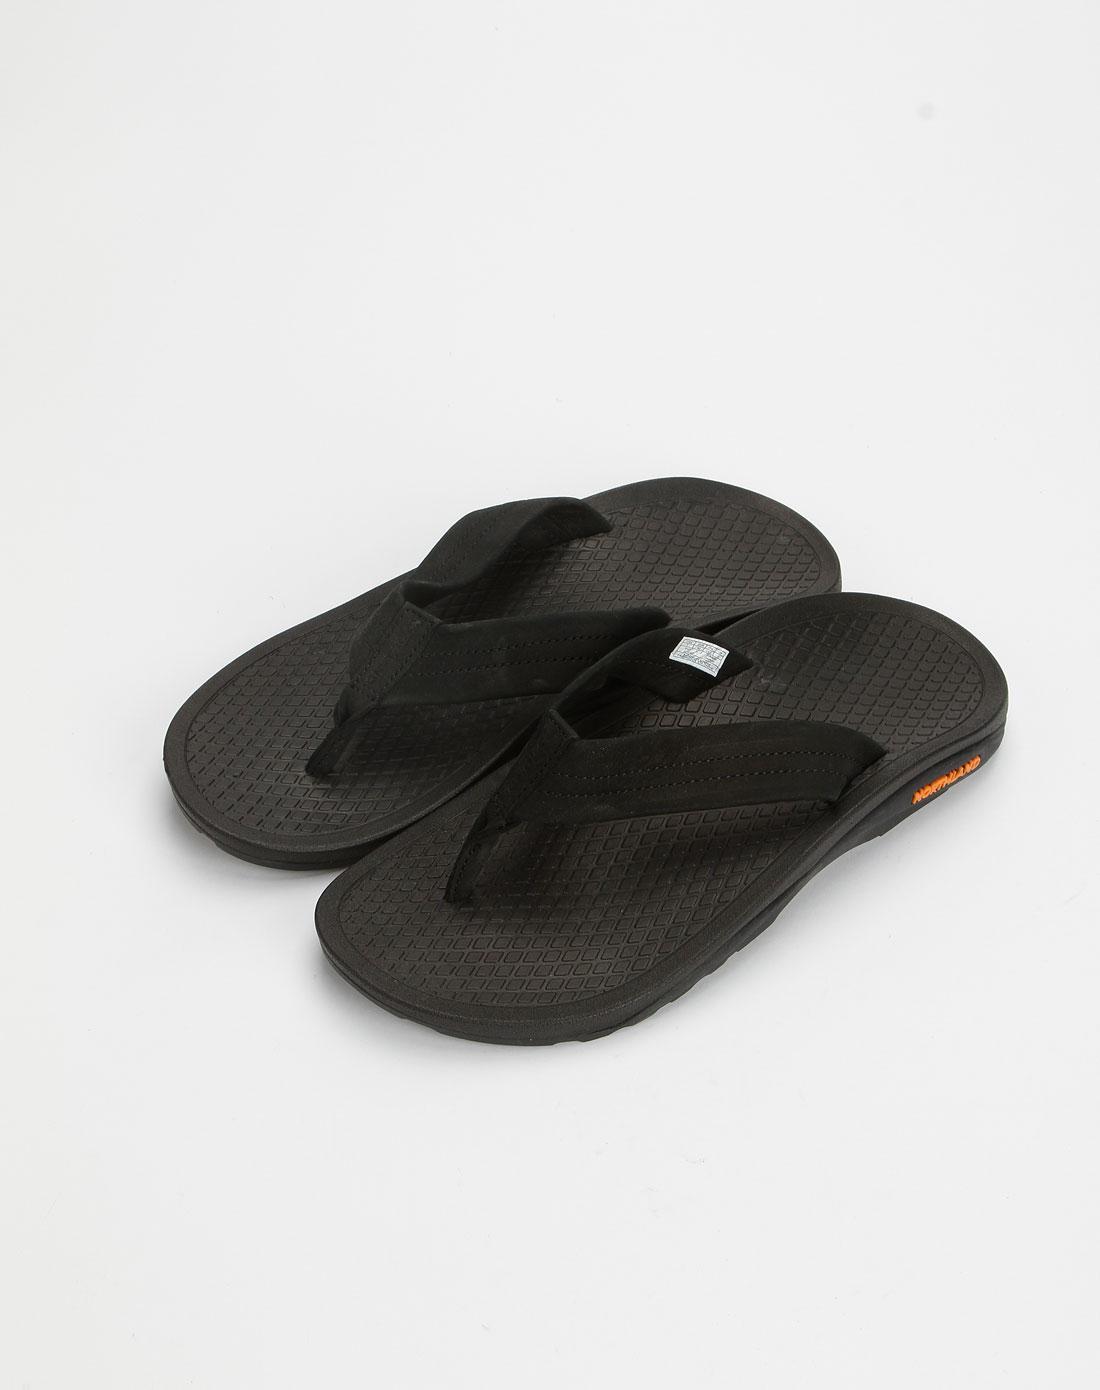 诺诗兰northland专场男款黑色时尚拖鞋fl10502黑色